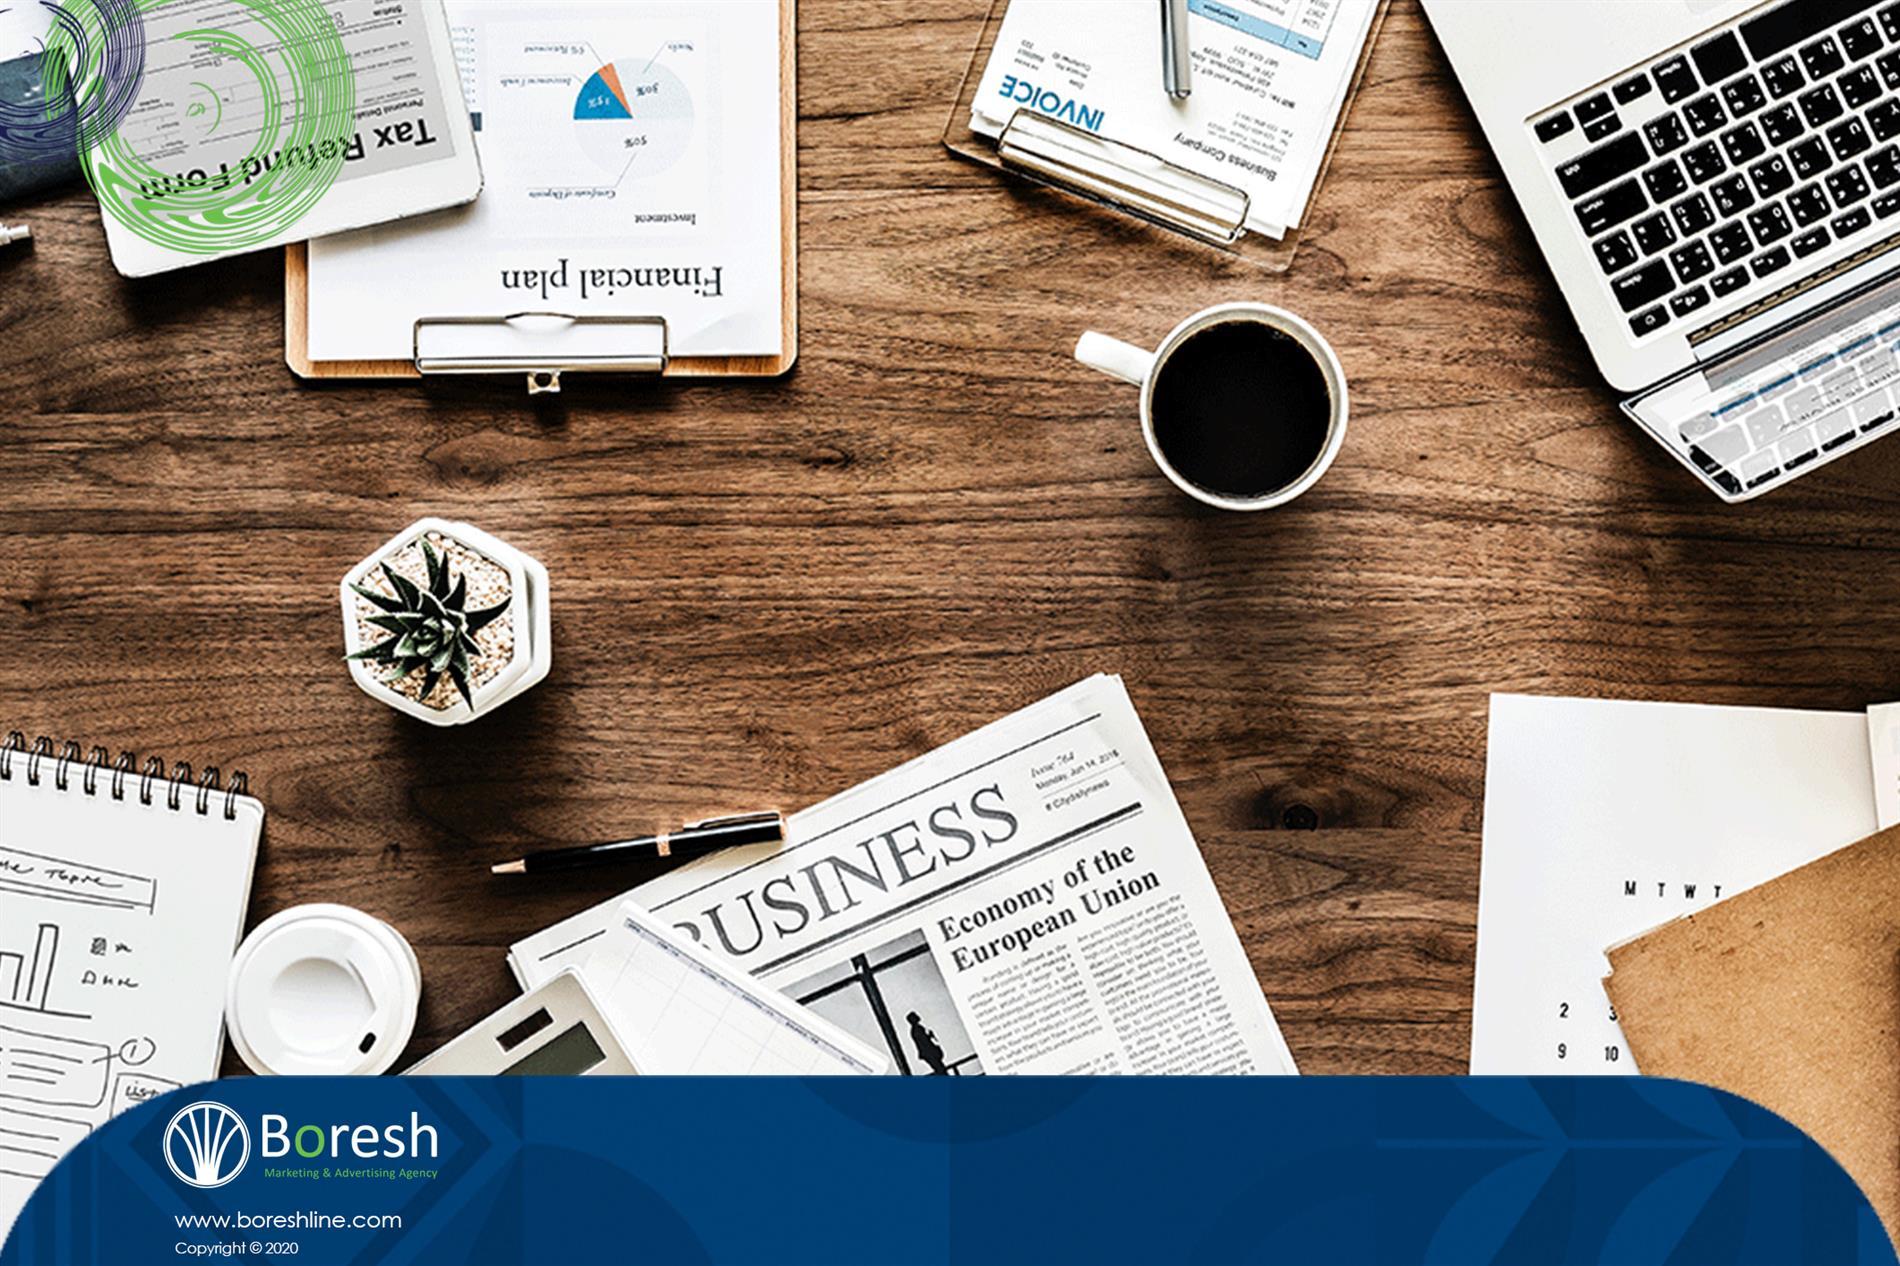 وظایف مدیر بازاریابی چیست ؟ - گروه برندسازی، تبلیغات،بازاریابی و توسعه کسب و کار برش